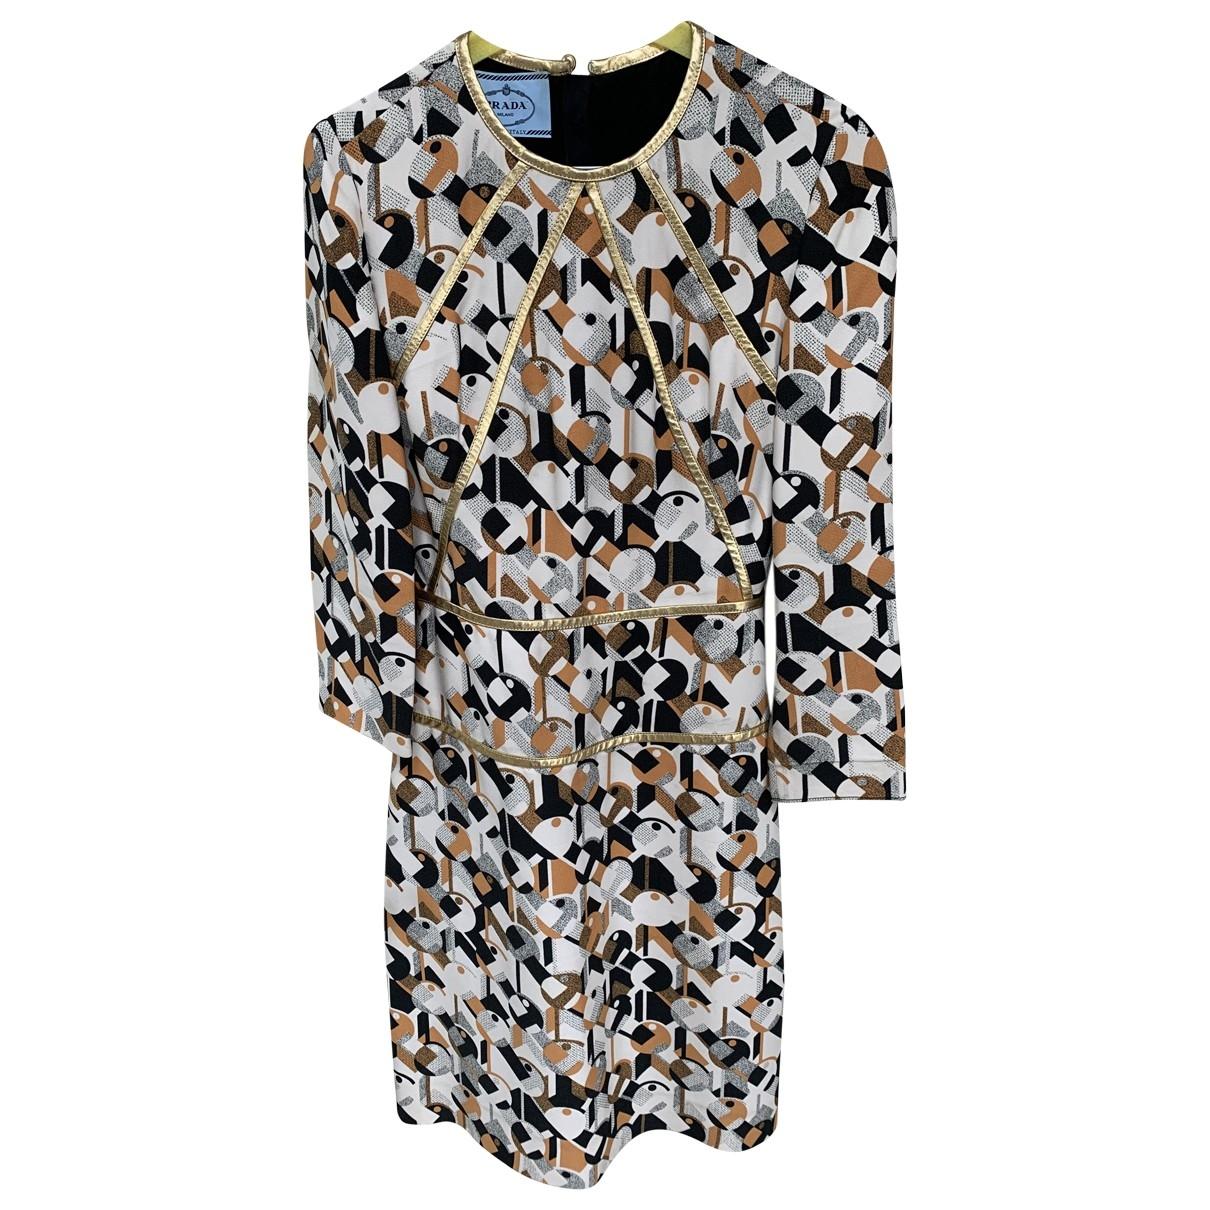 Prada \N Kleid in  Bunt Wolle